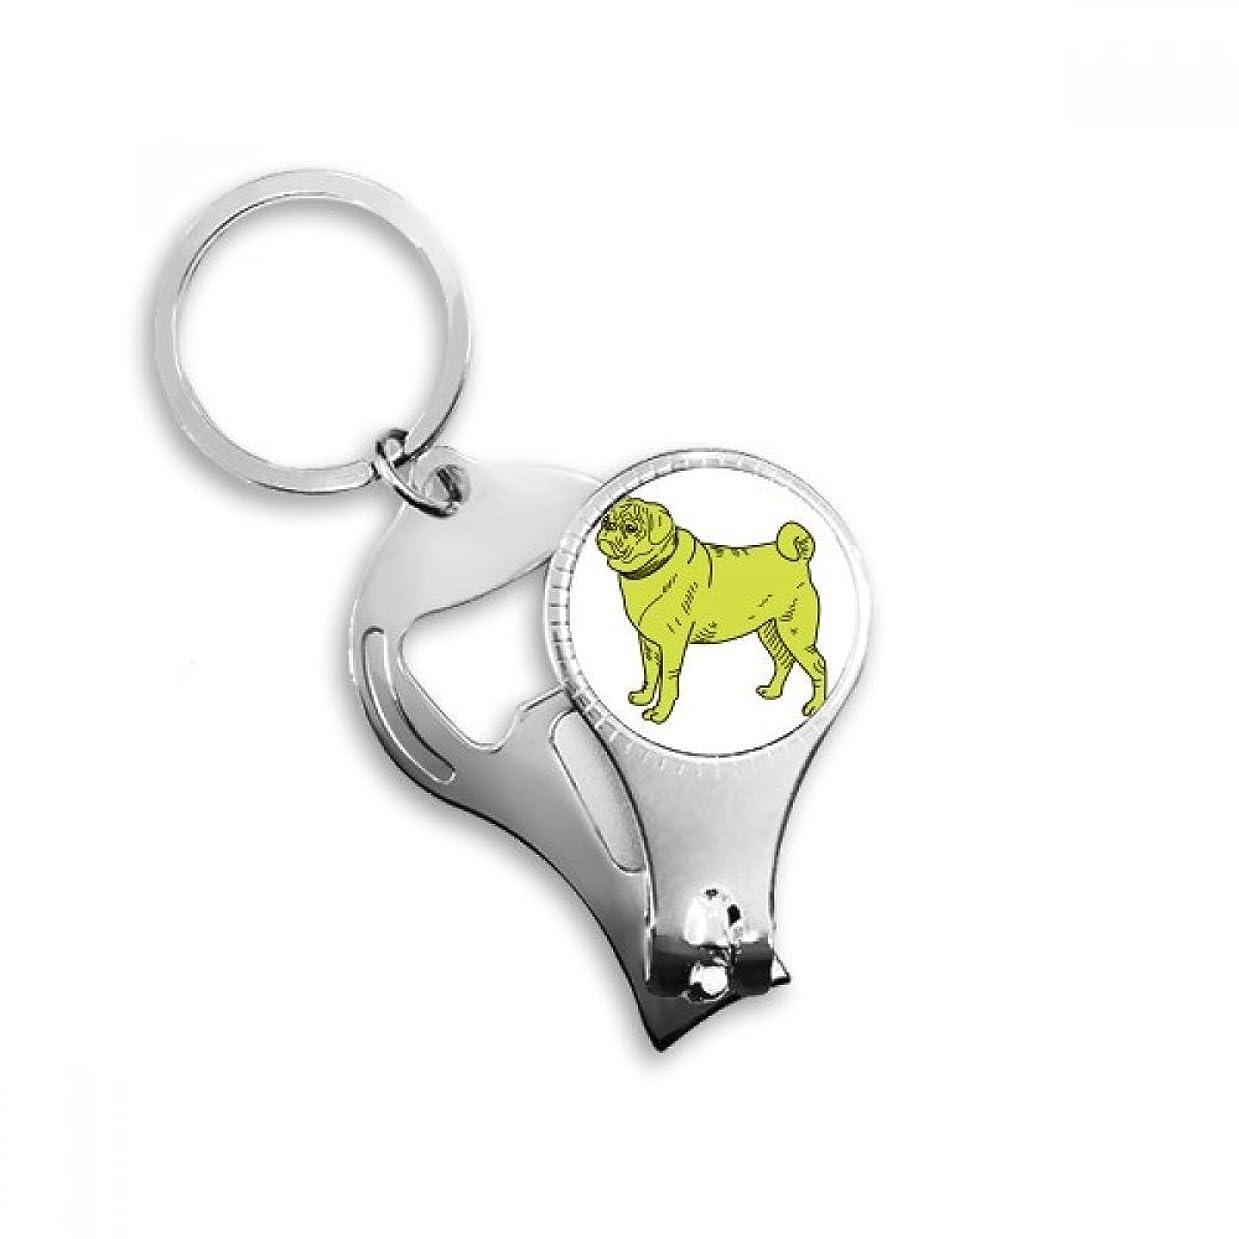 軽食アジアサドルPINGFUFF HOME 黄色漫画犬イラストパターンキーチェーンリングつま先ネイルクリッパーカッターはさみツールキット栓抜きギフト